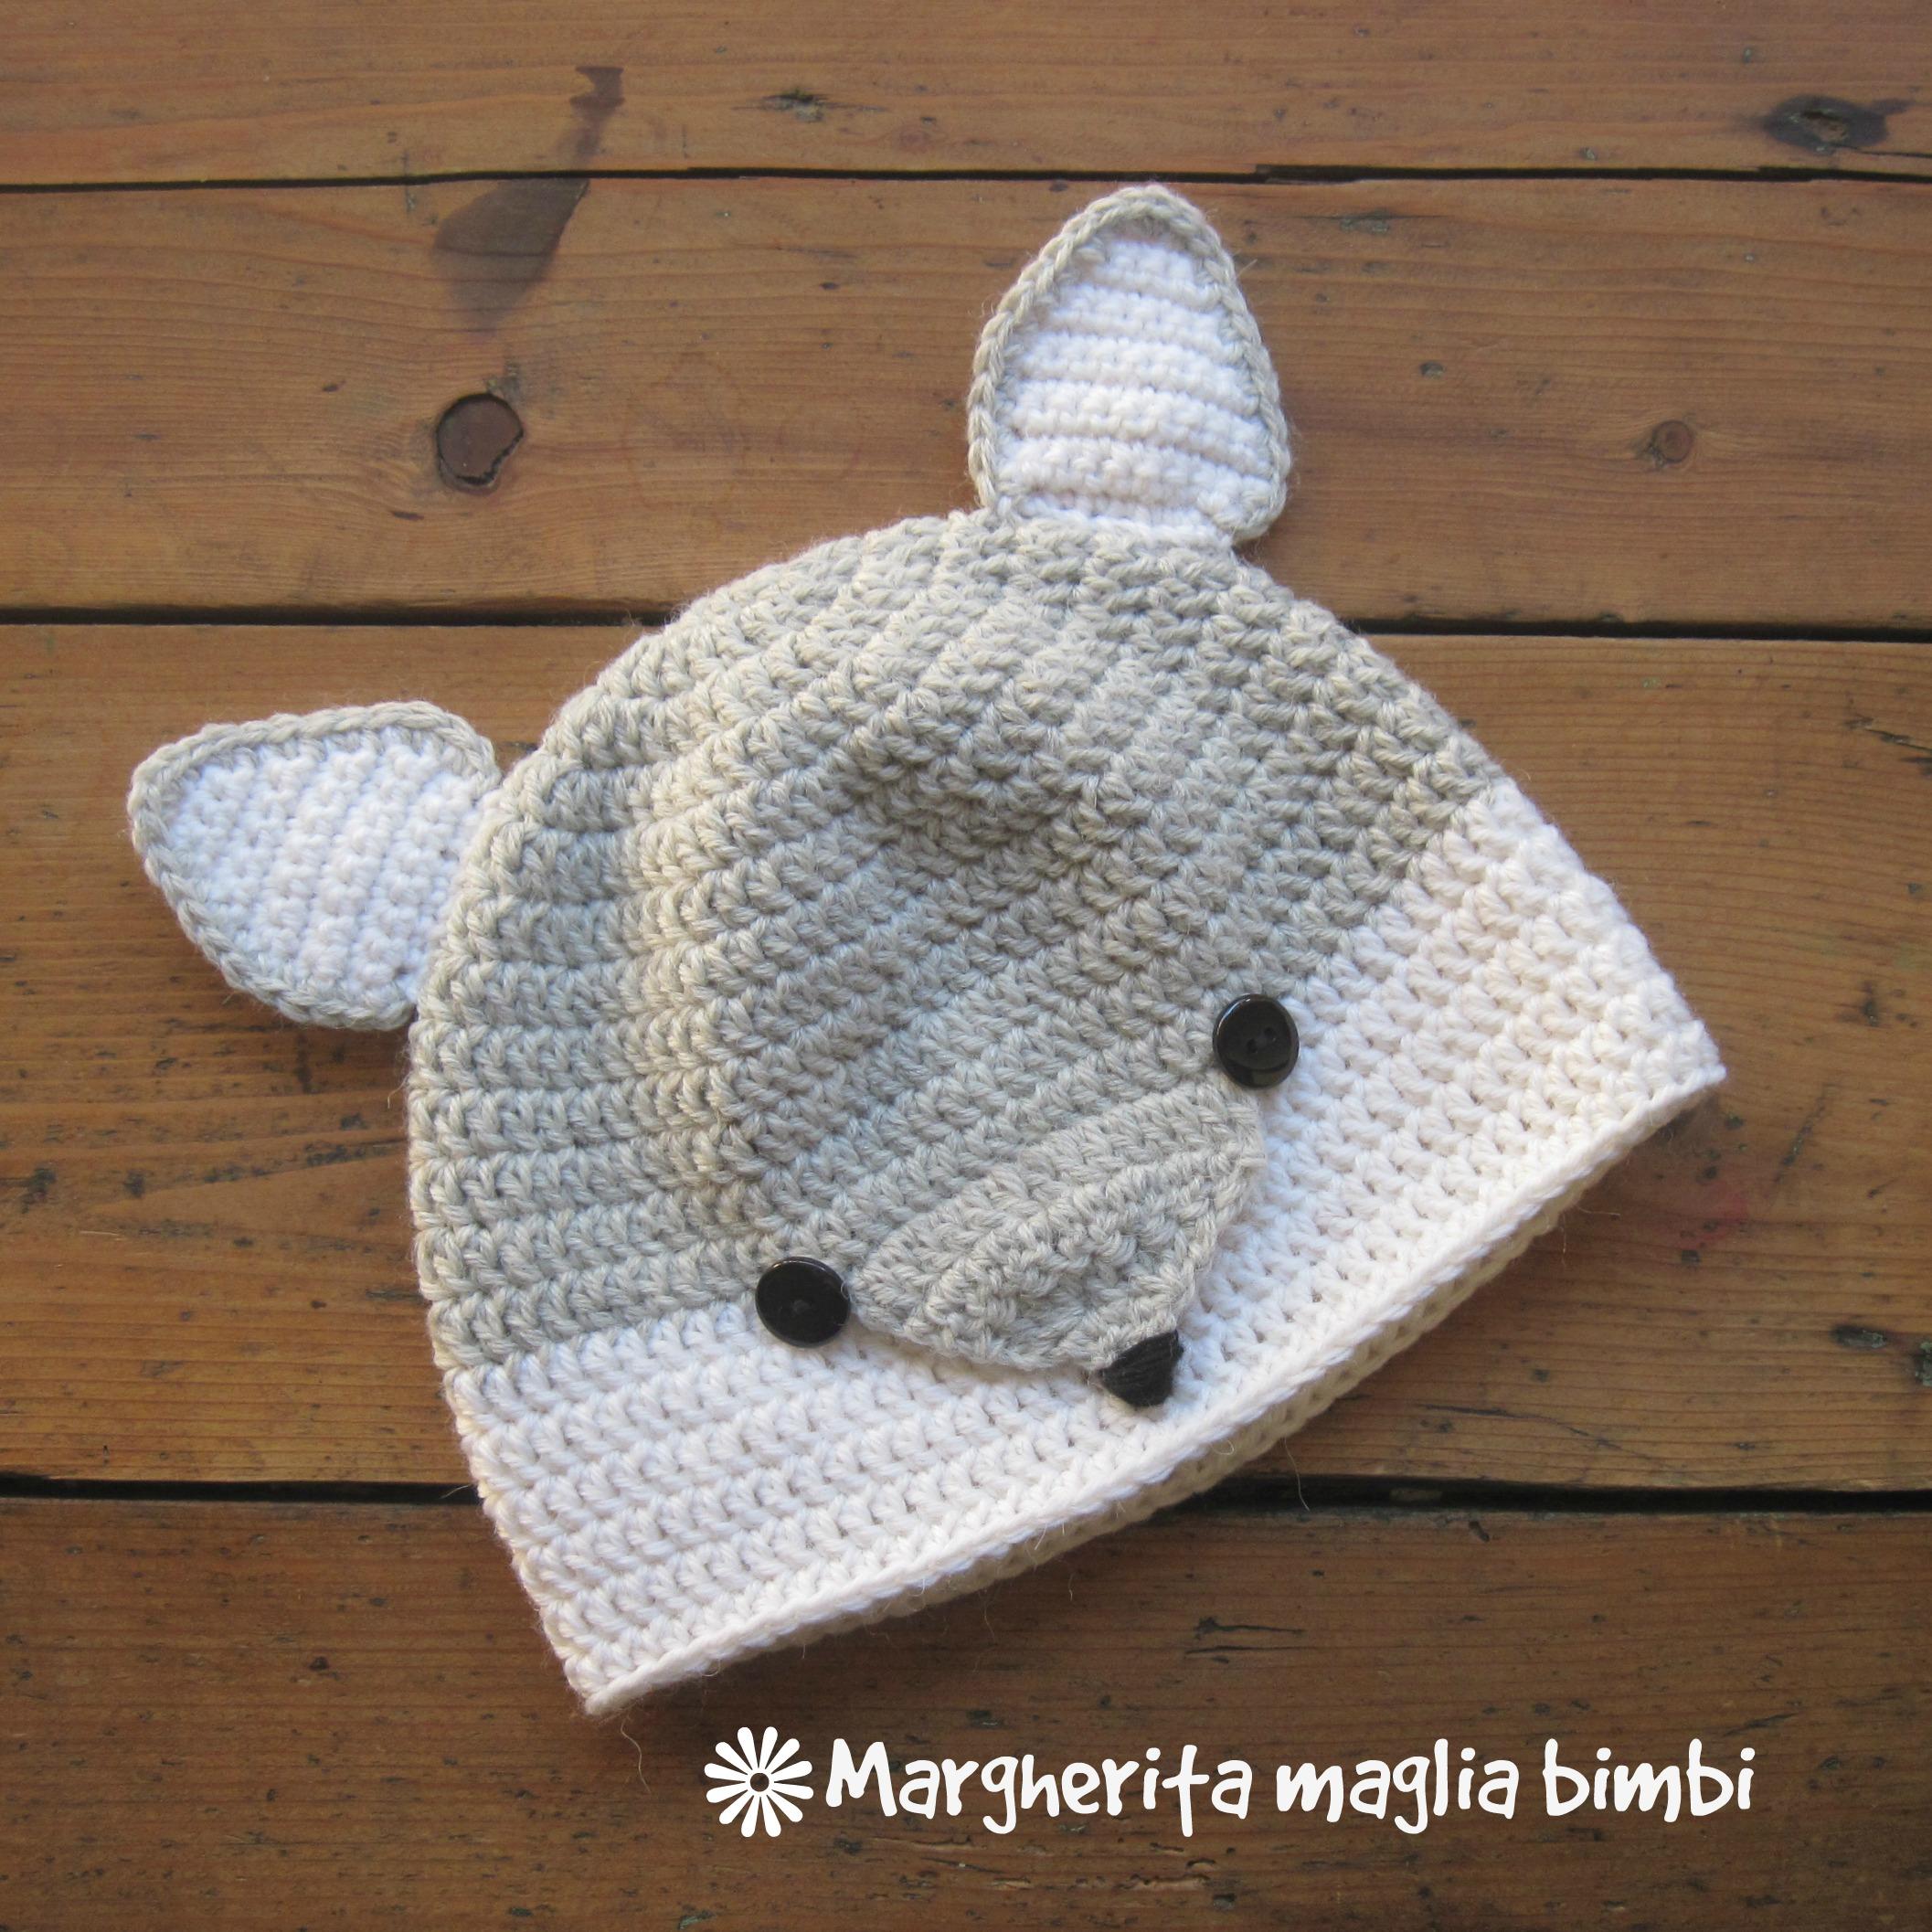 prima qualità shopping bene Cappello volpina, cuffia, berretto volpe argentata - bambino - lana/alpaca  - a mano/uncinetto